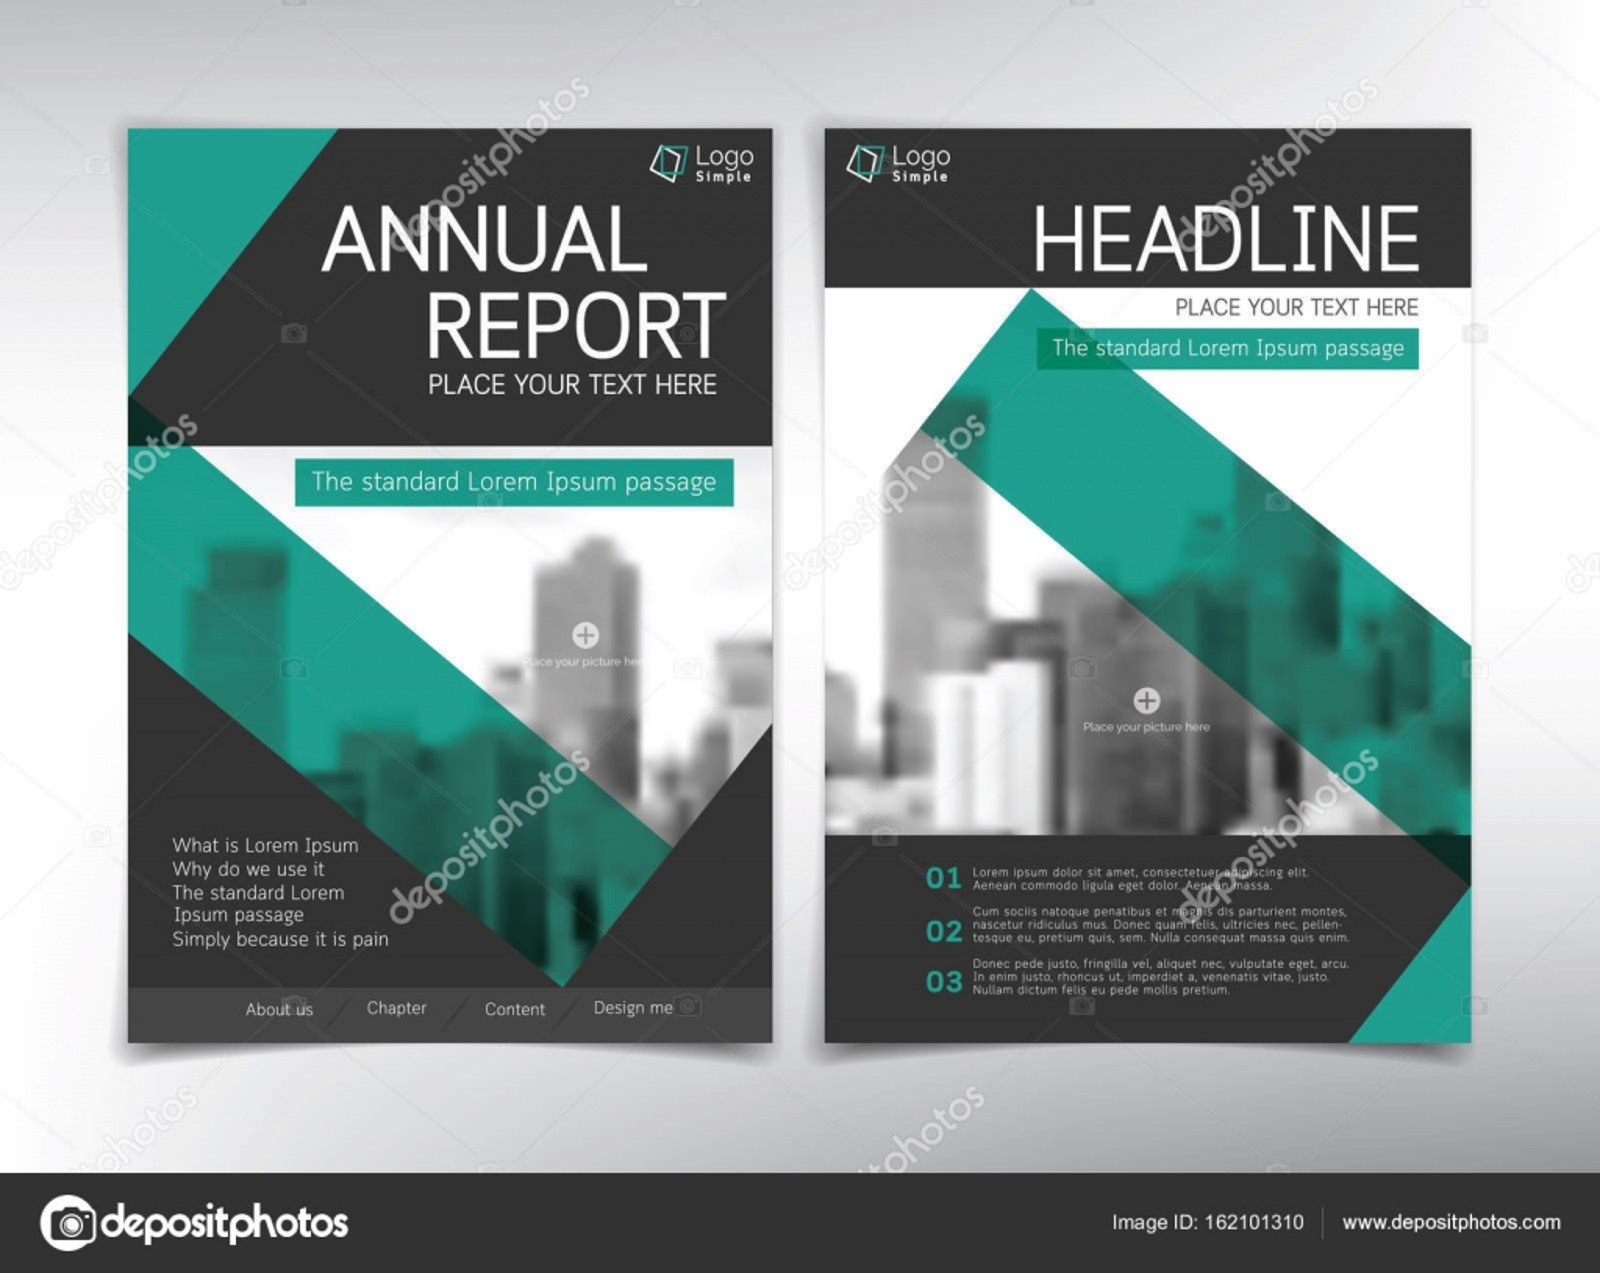 Moderne Business Deckblatt Vektor Vorlage Schwarz Und Grün Der